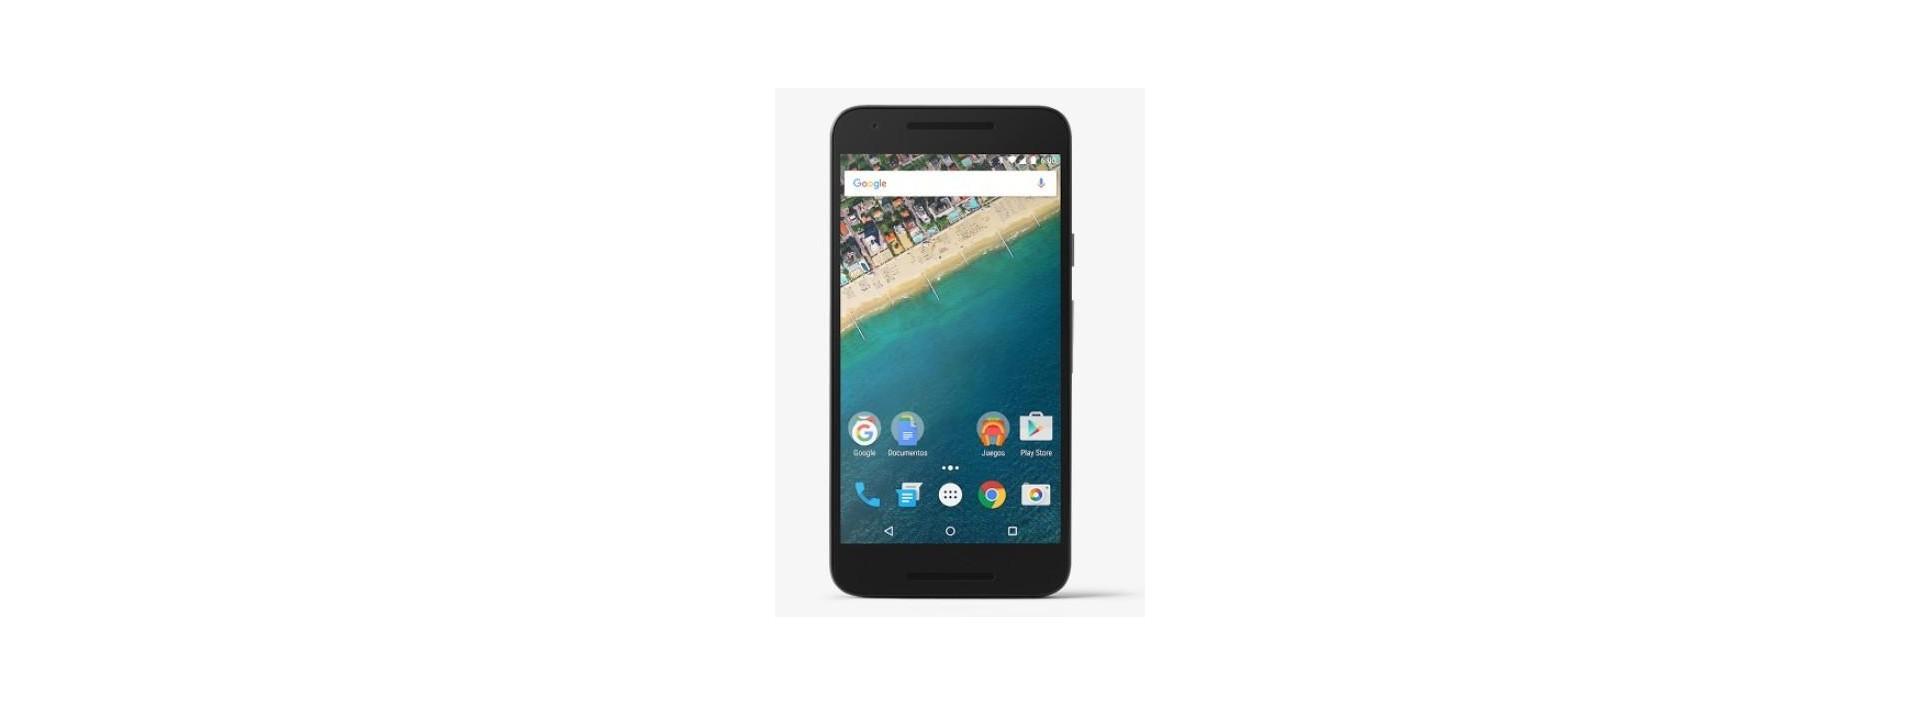 Fundas PERSONALIZADAS Google Nexus 5X, compra ya, Envío Gratis en TMS